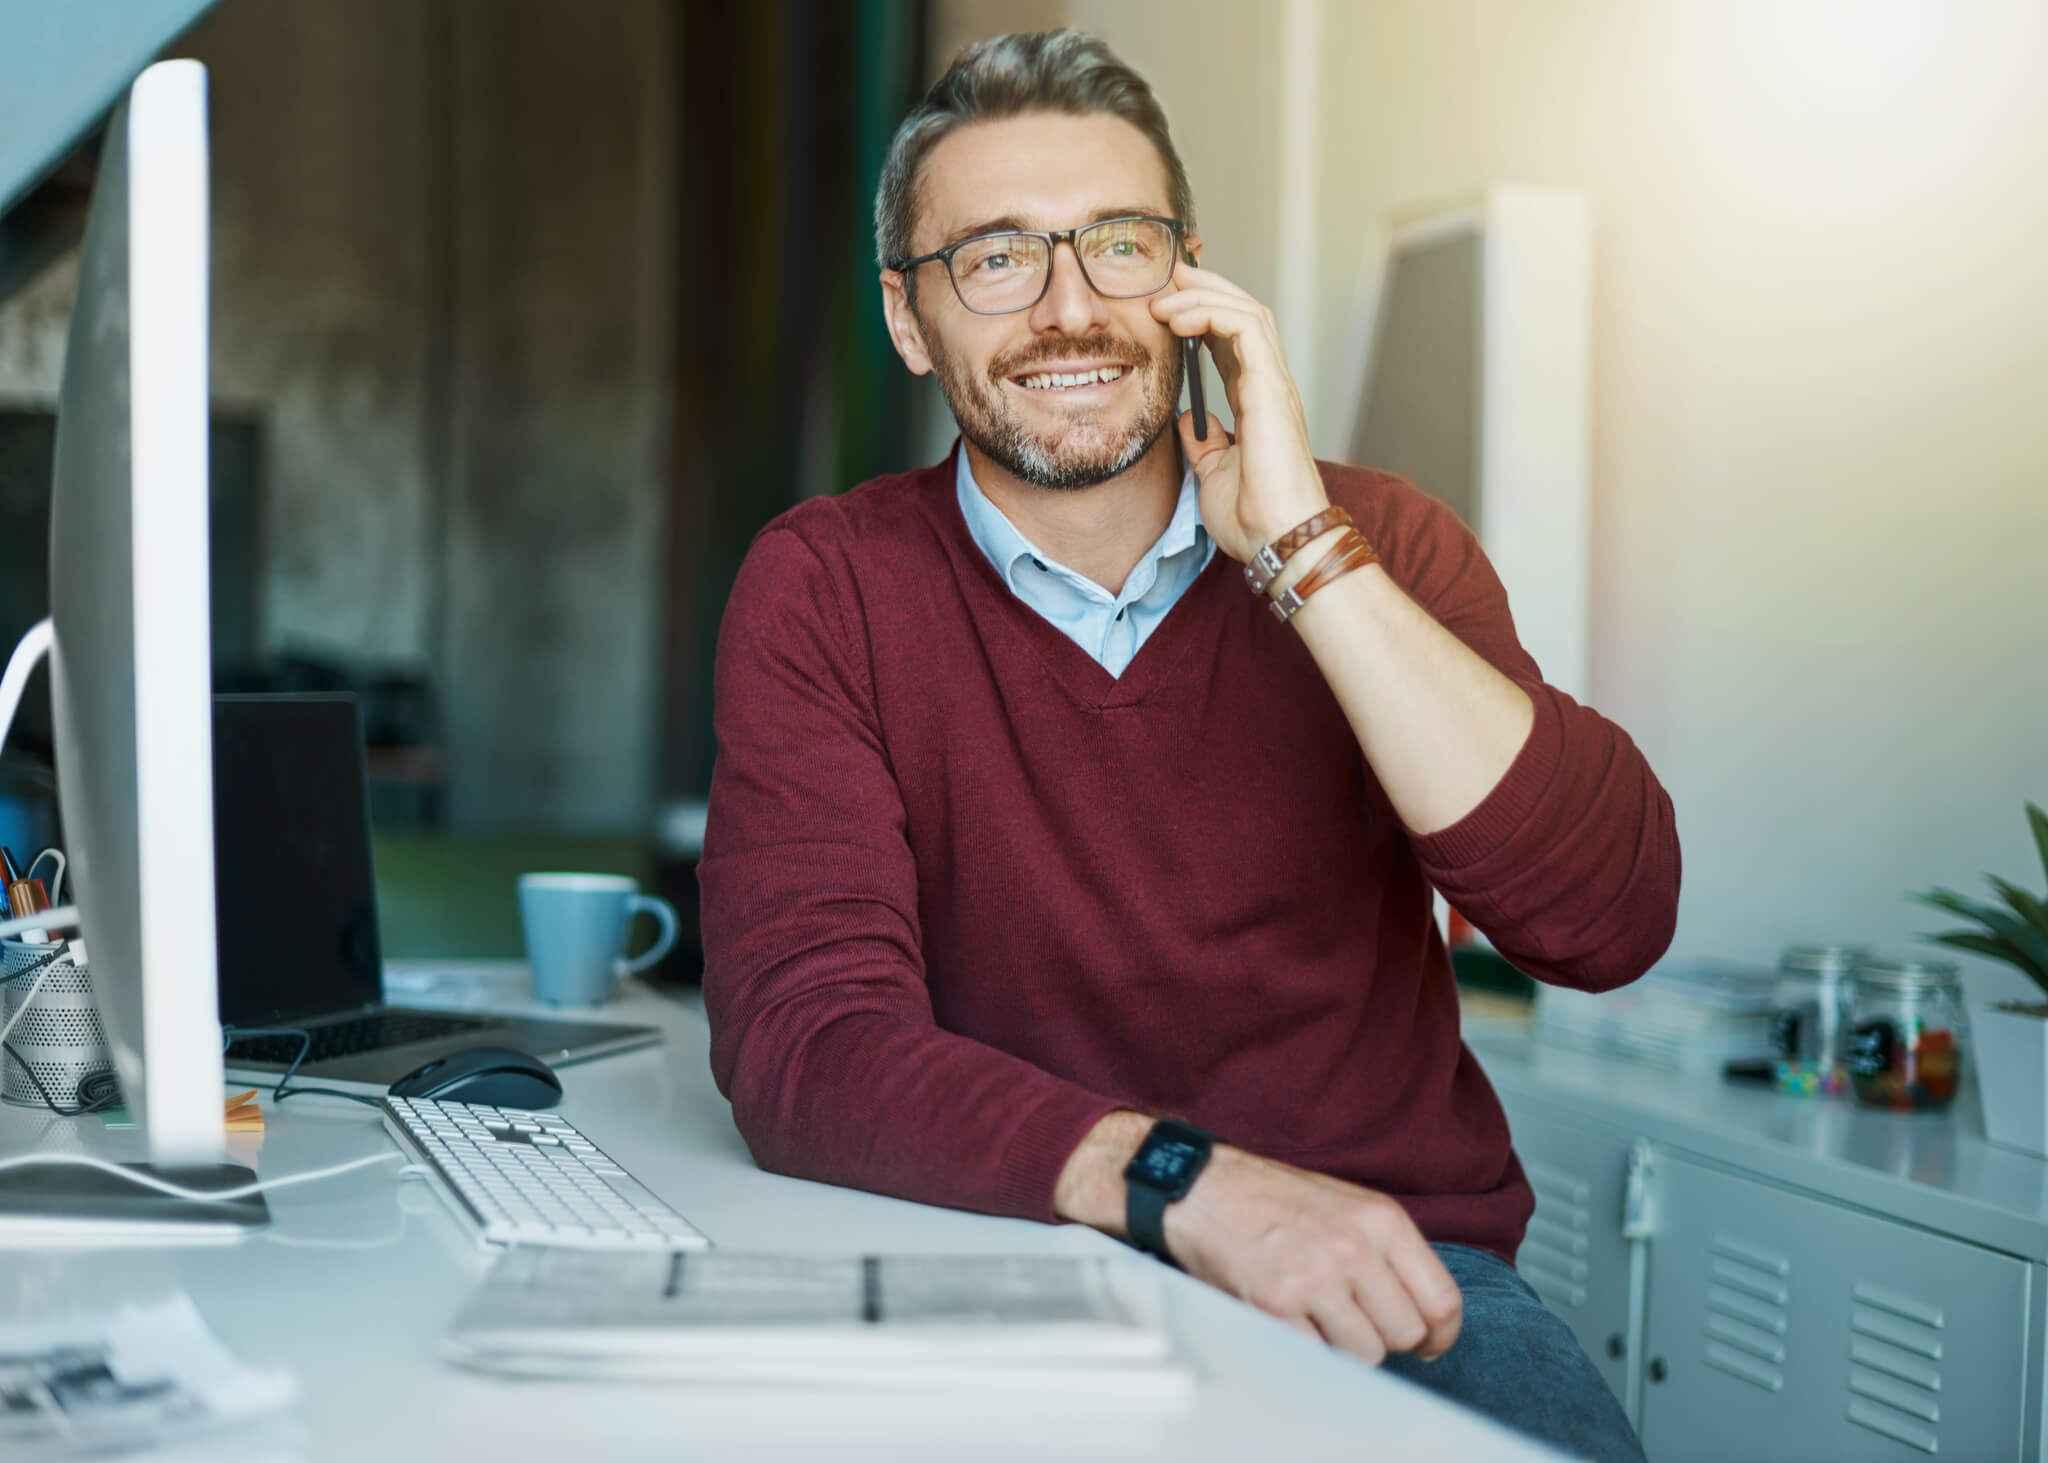 Conheça mais sobre as vantagens do plano de celular corporativo